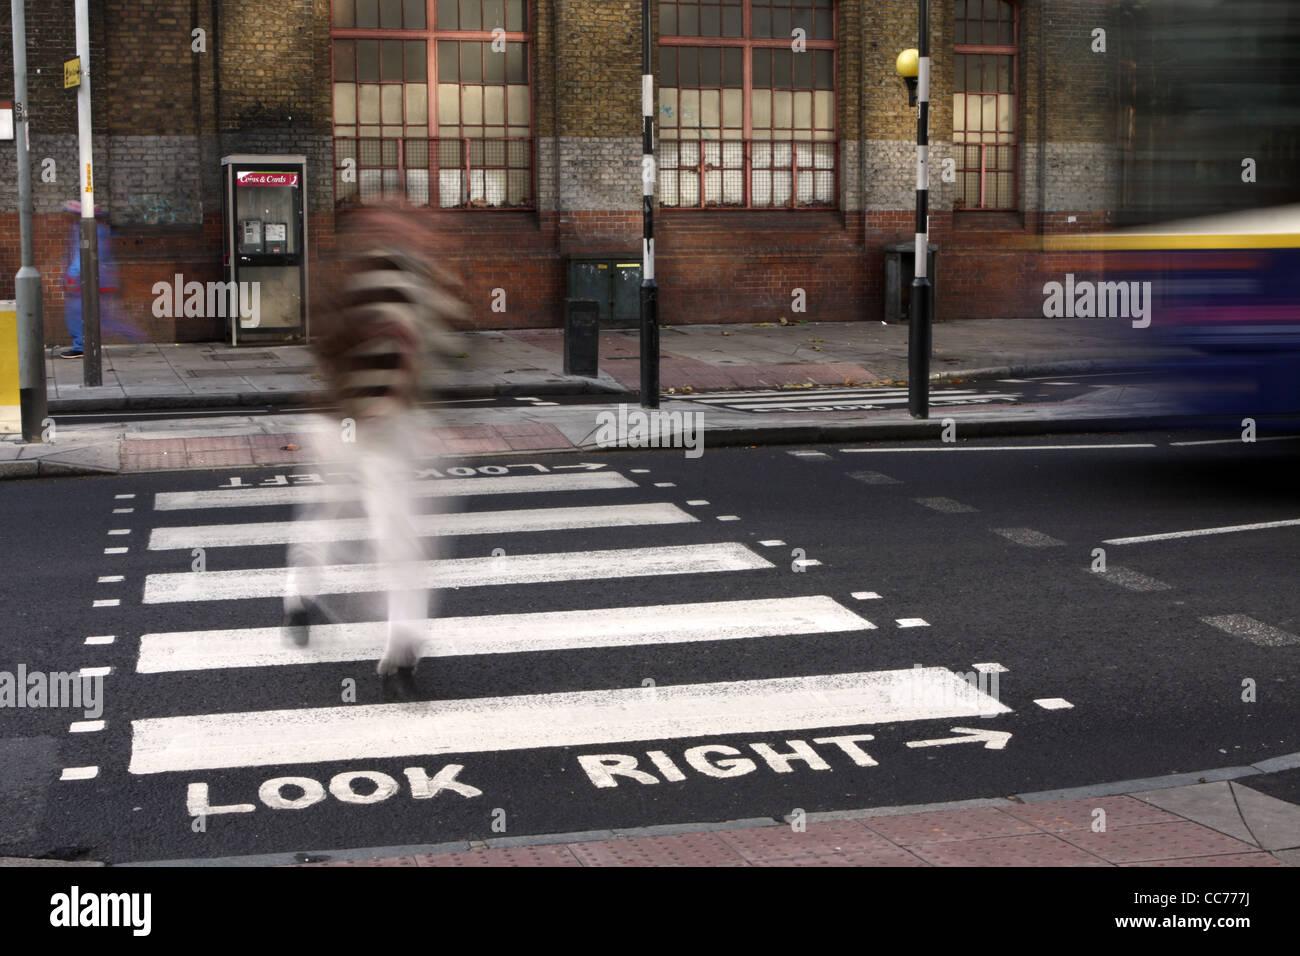 Une figure floue marche à travers un passage piétons à Londres Banque D'Images